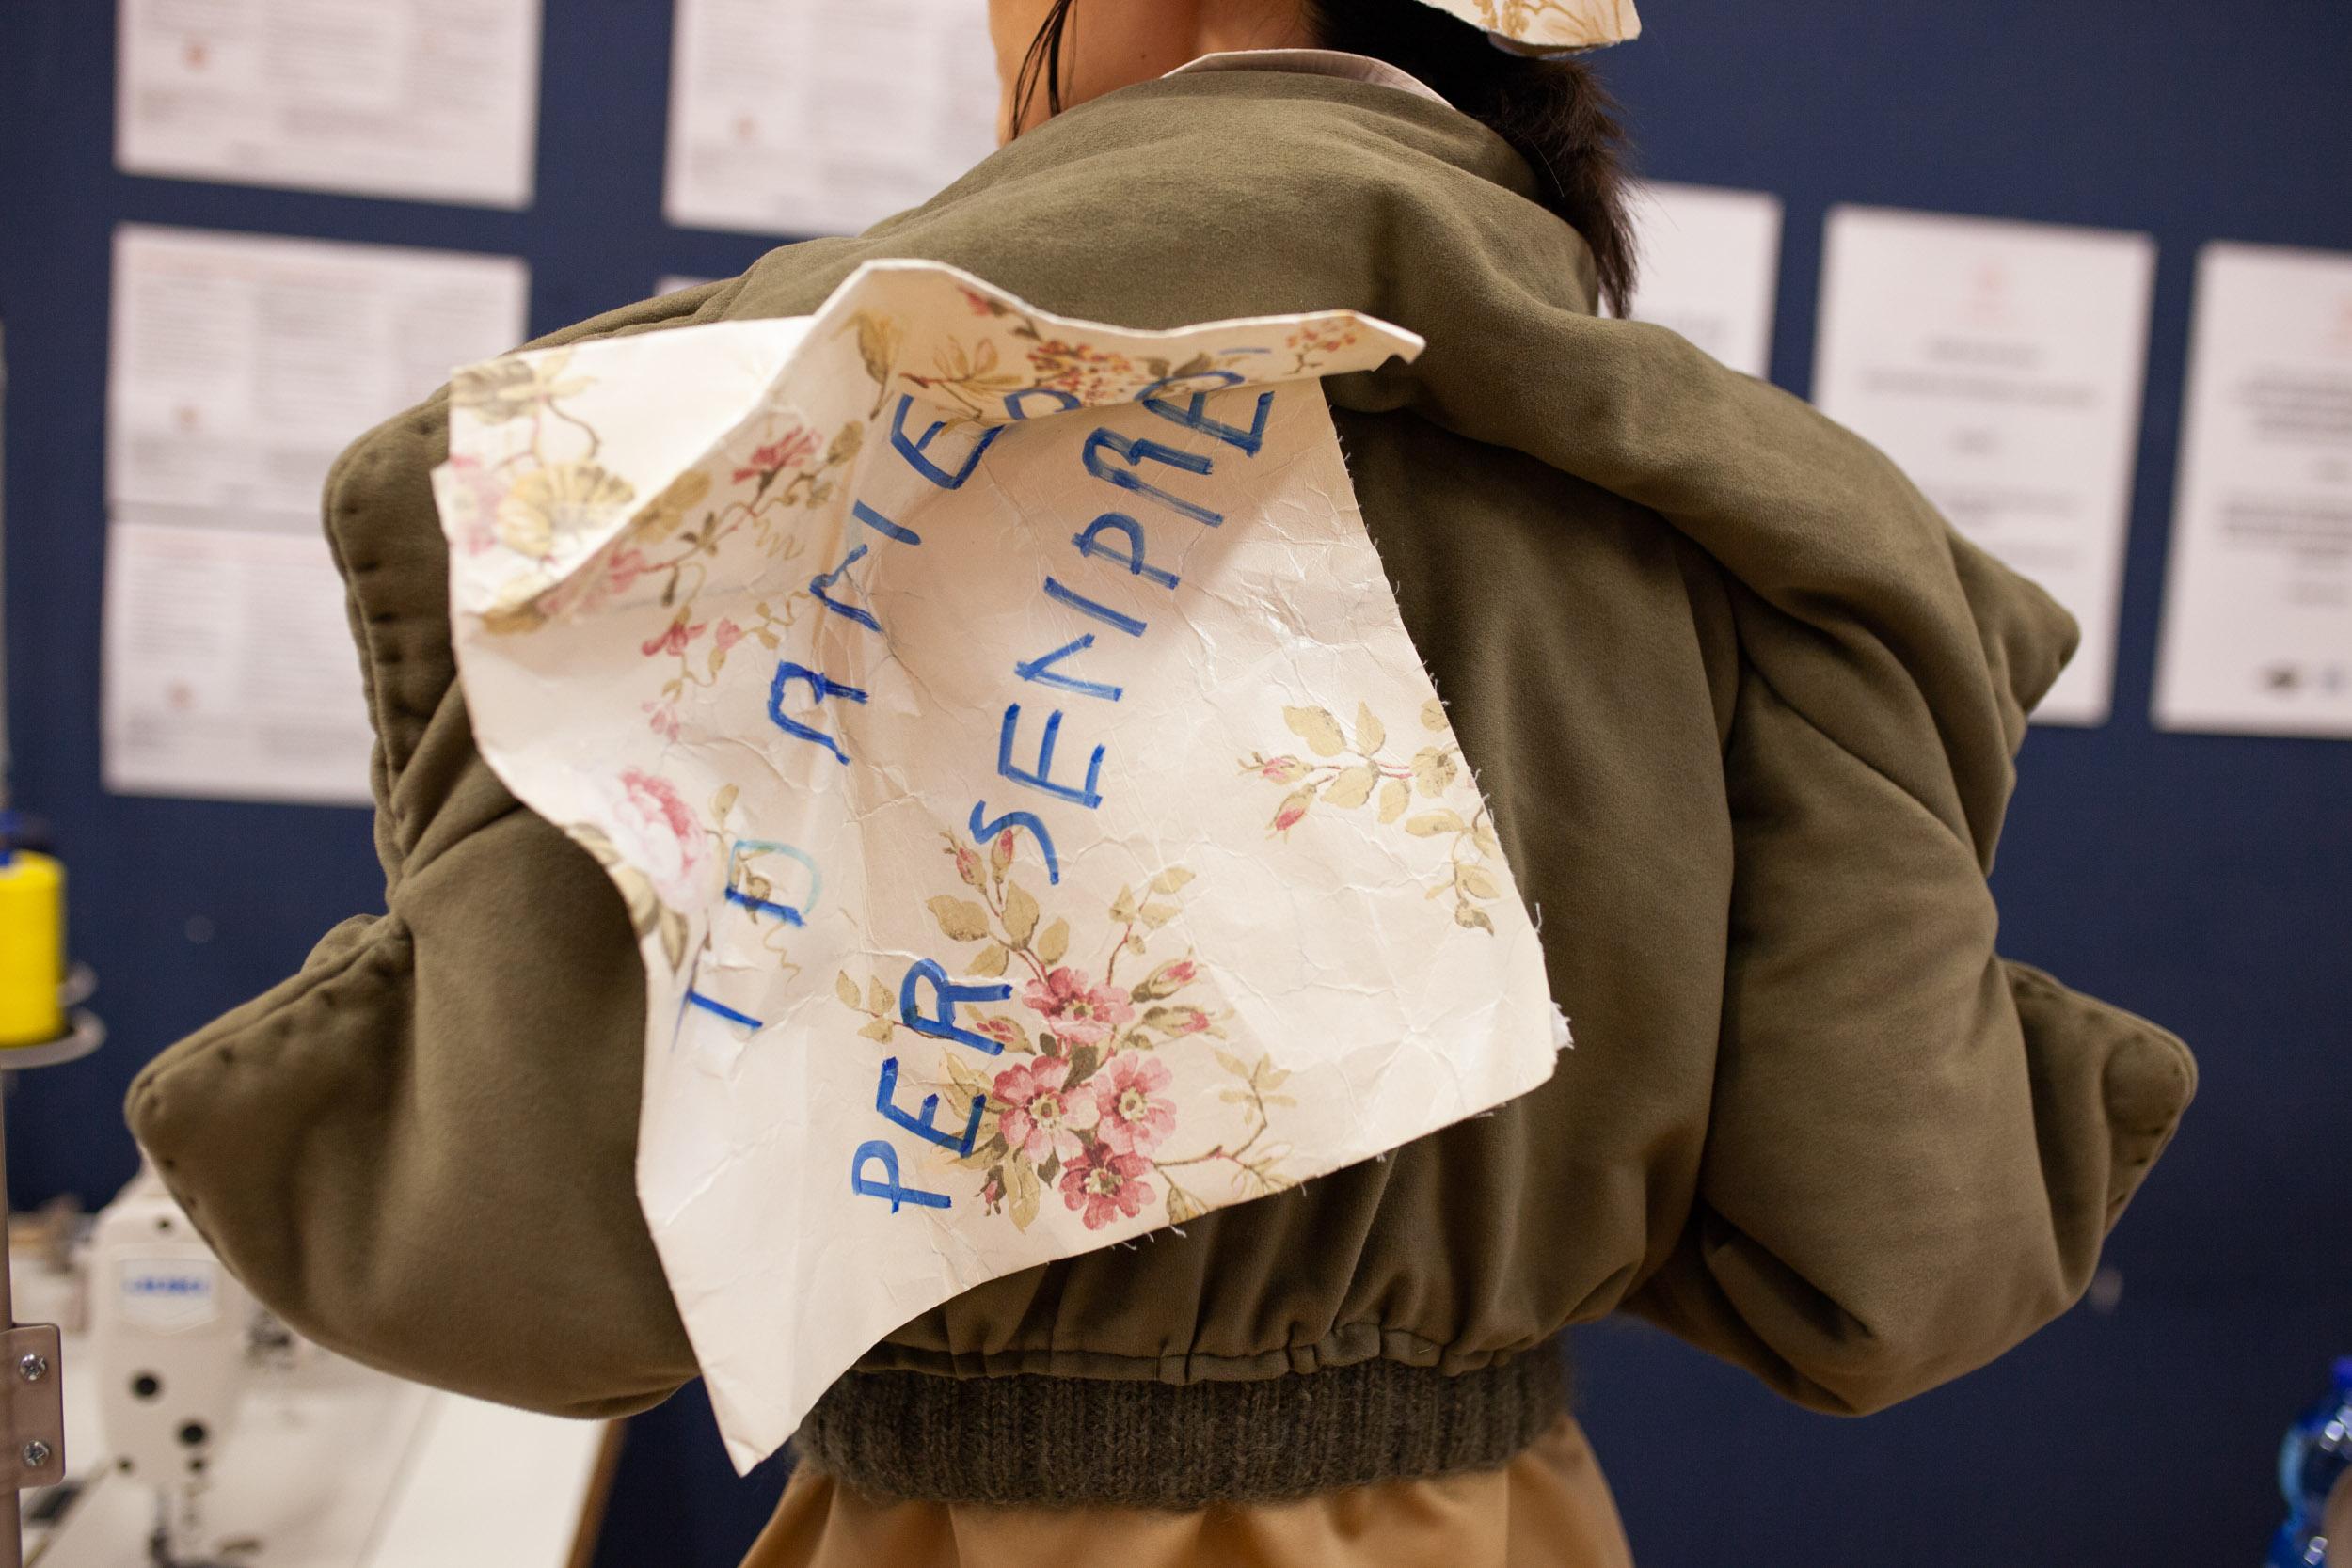 Nuova Accademia Del Design backstage graduation show naba milano - i-d